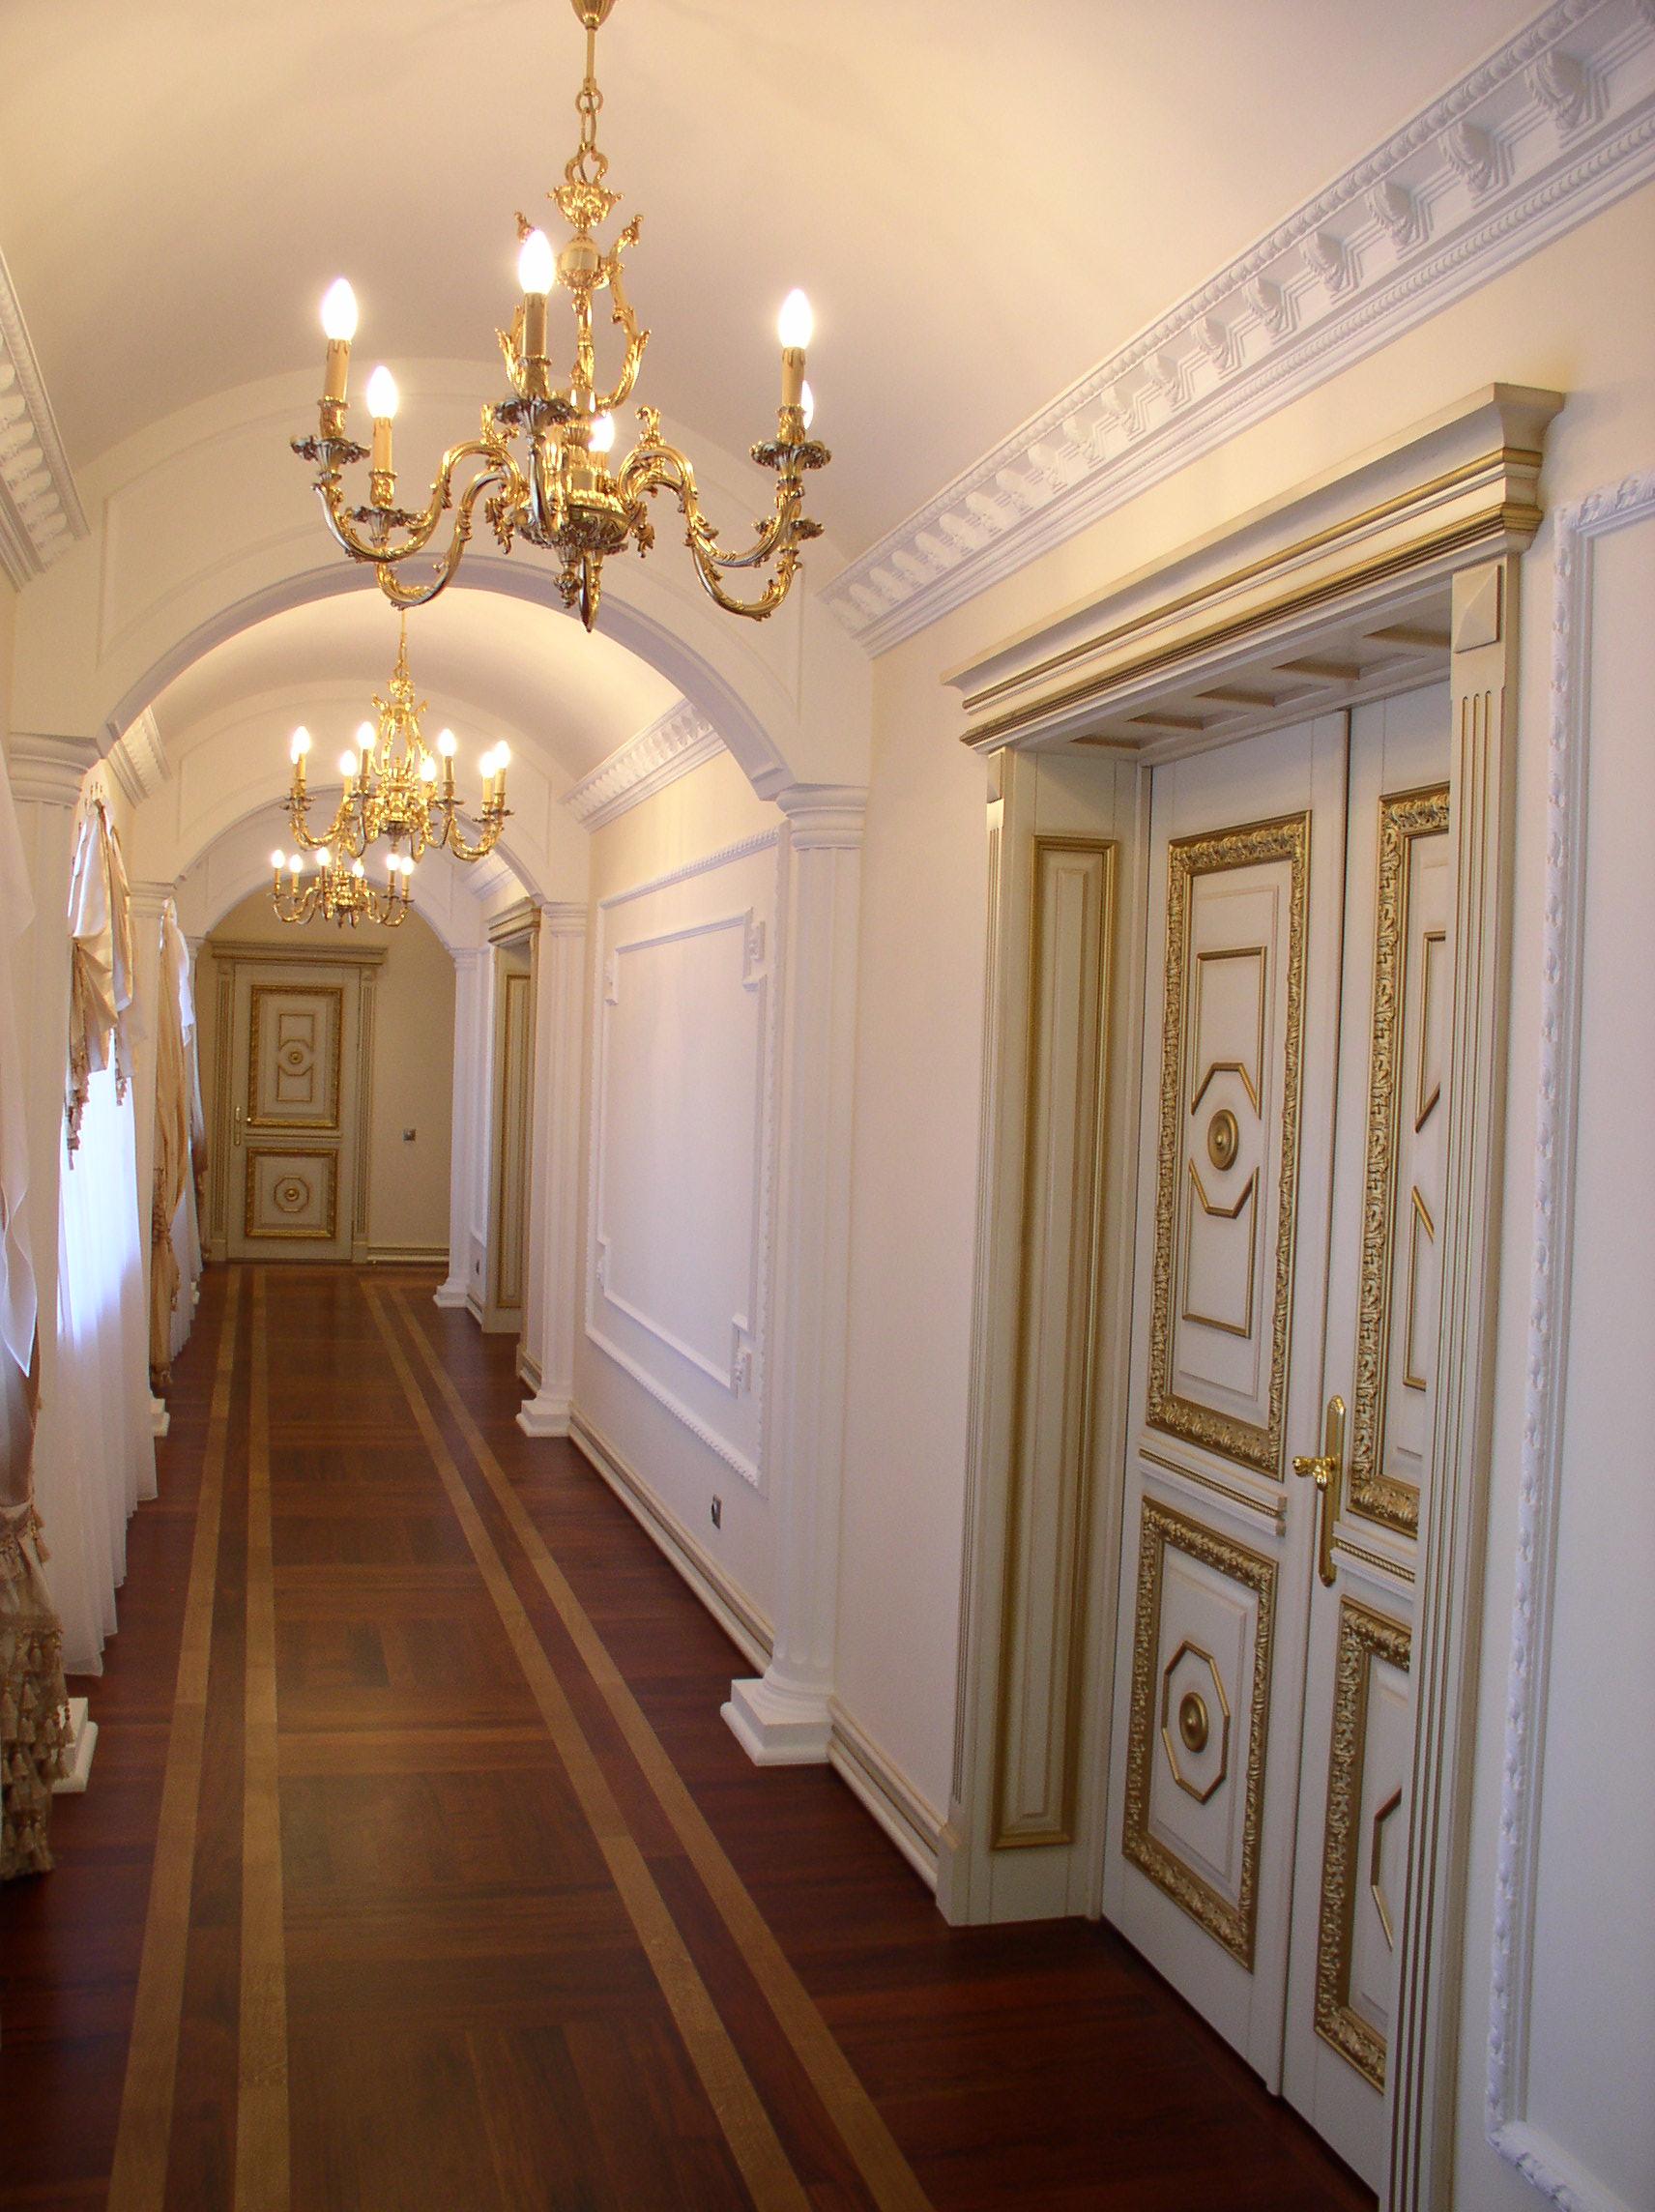 Белые плинтуса на потолке в классическом интерьере